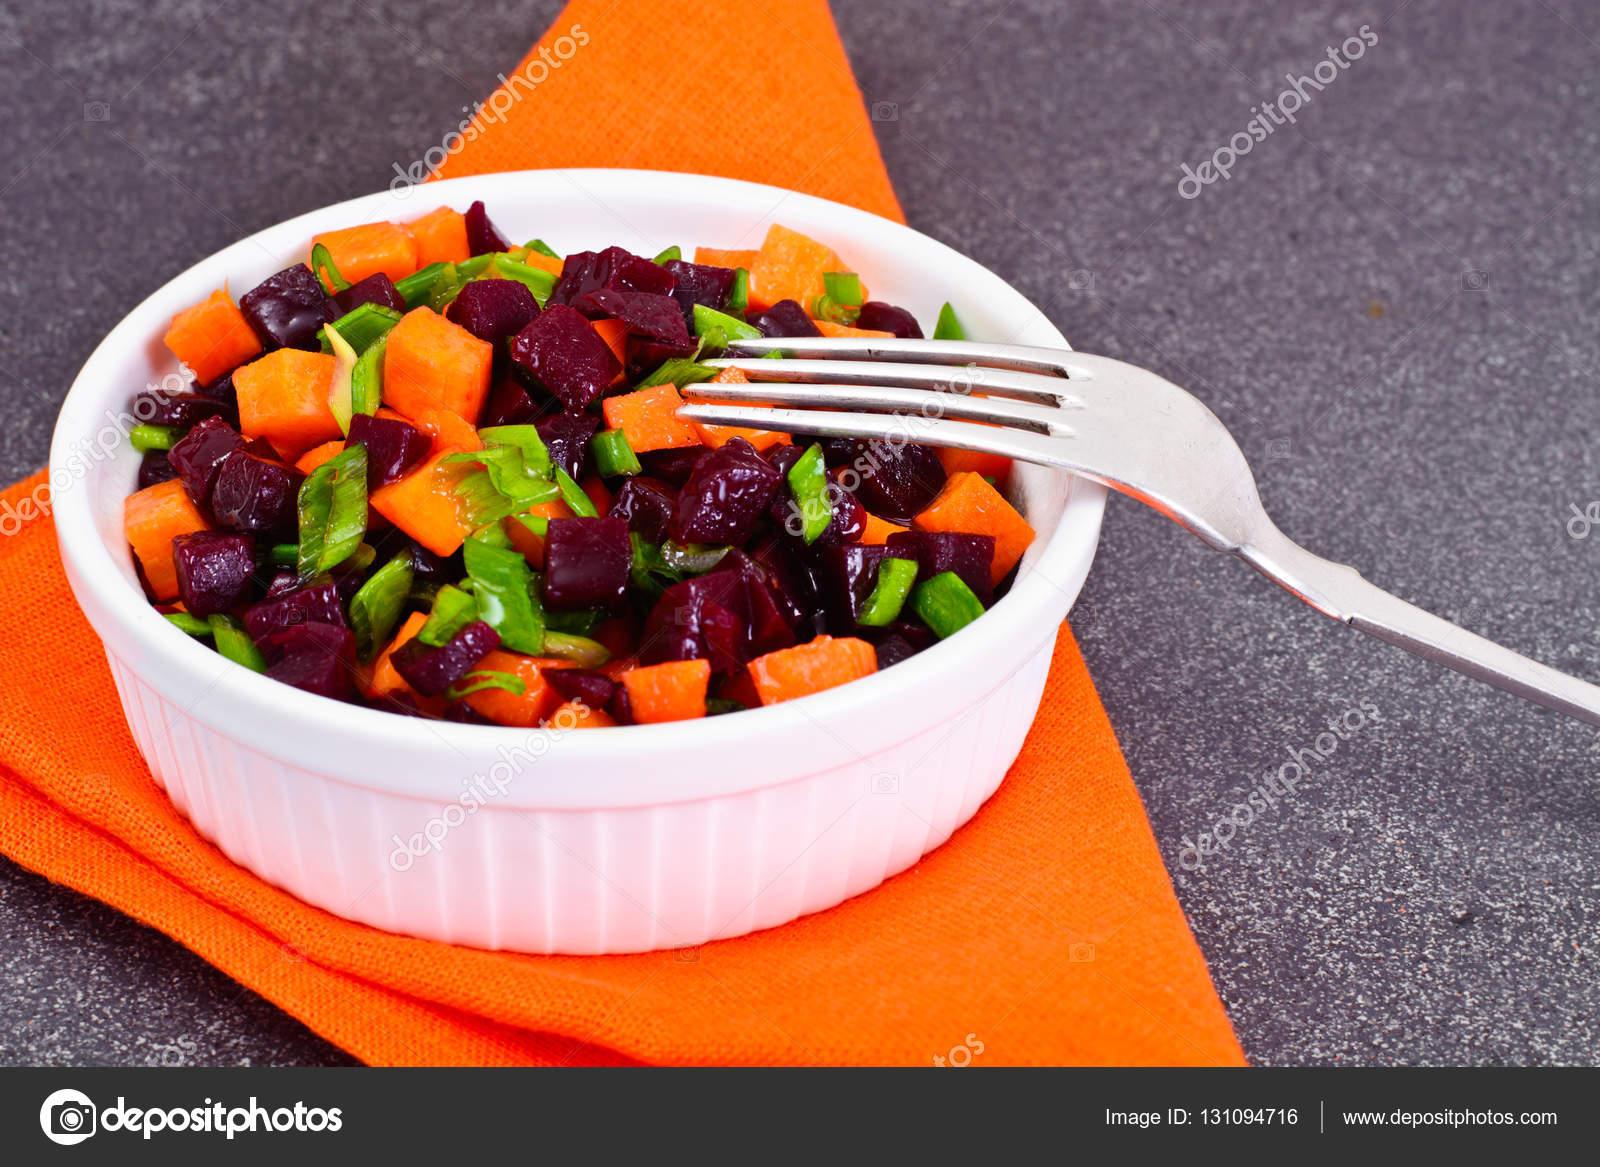 Салат из свеклы и моркови вареной